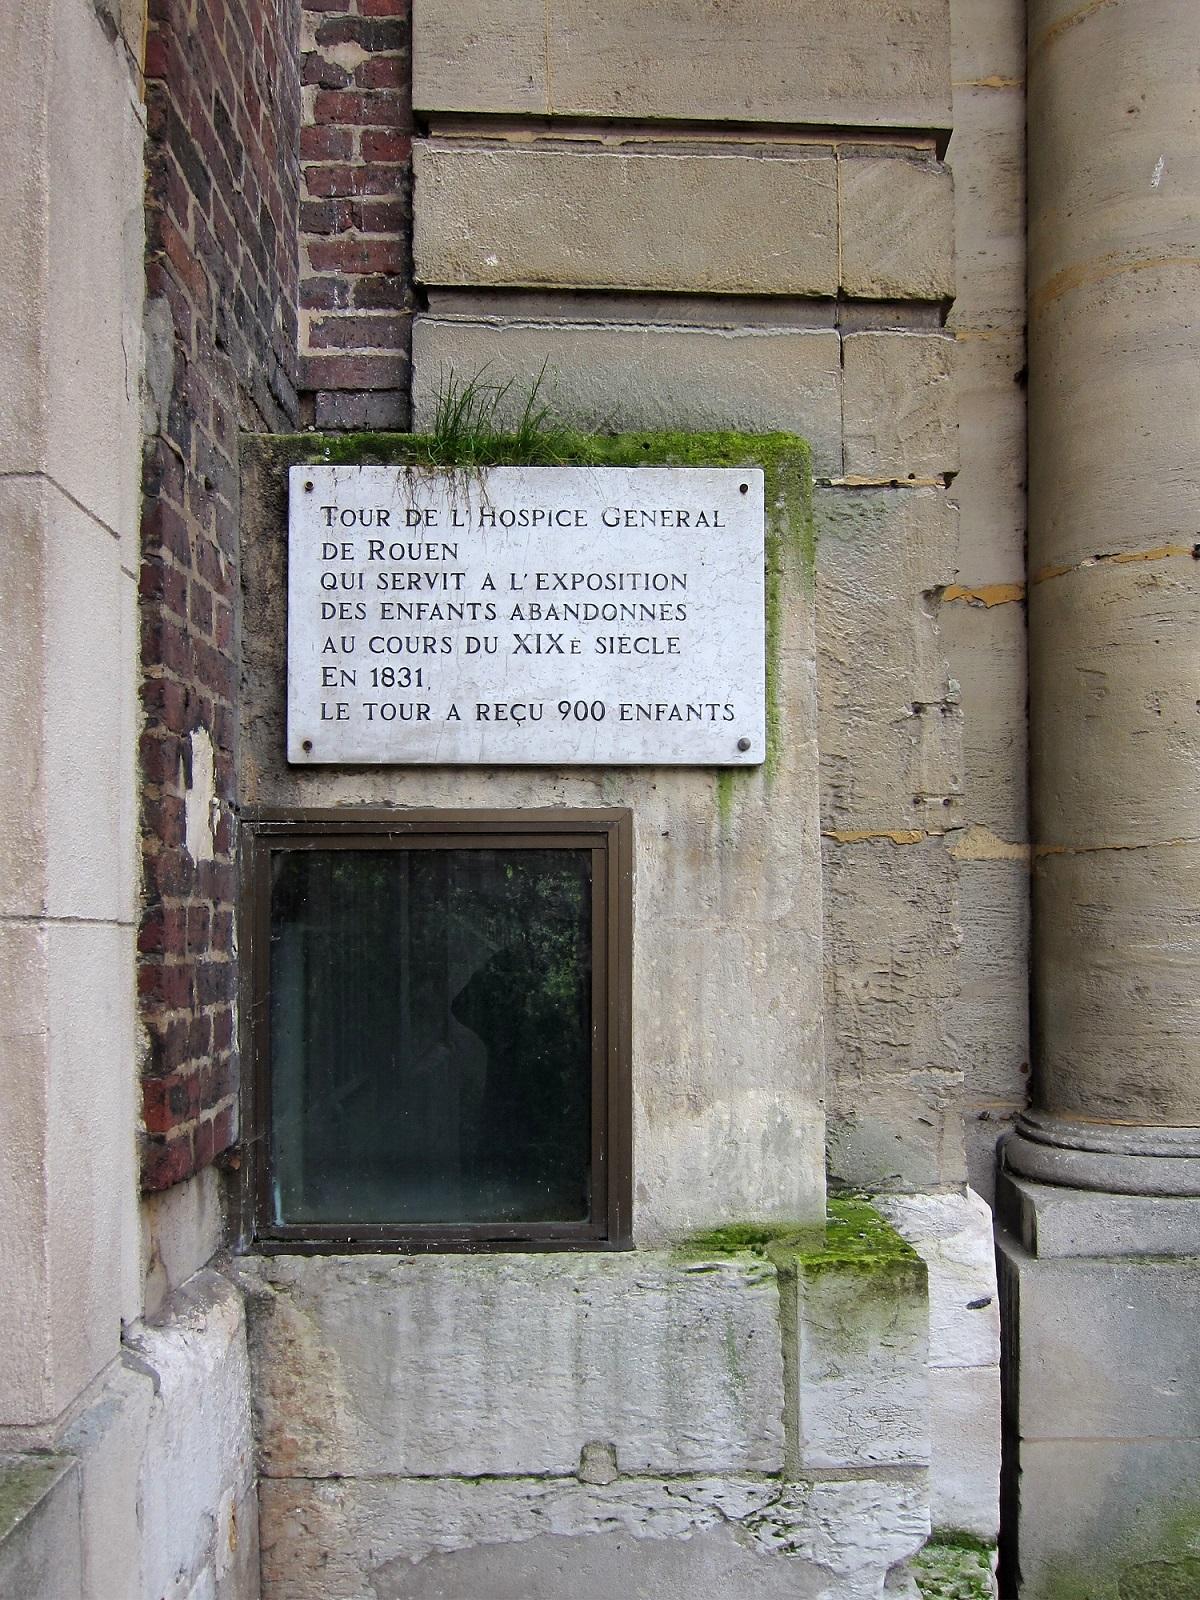 Rouen_hospice_general_tour